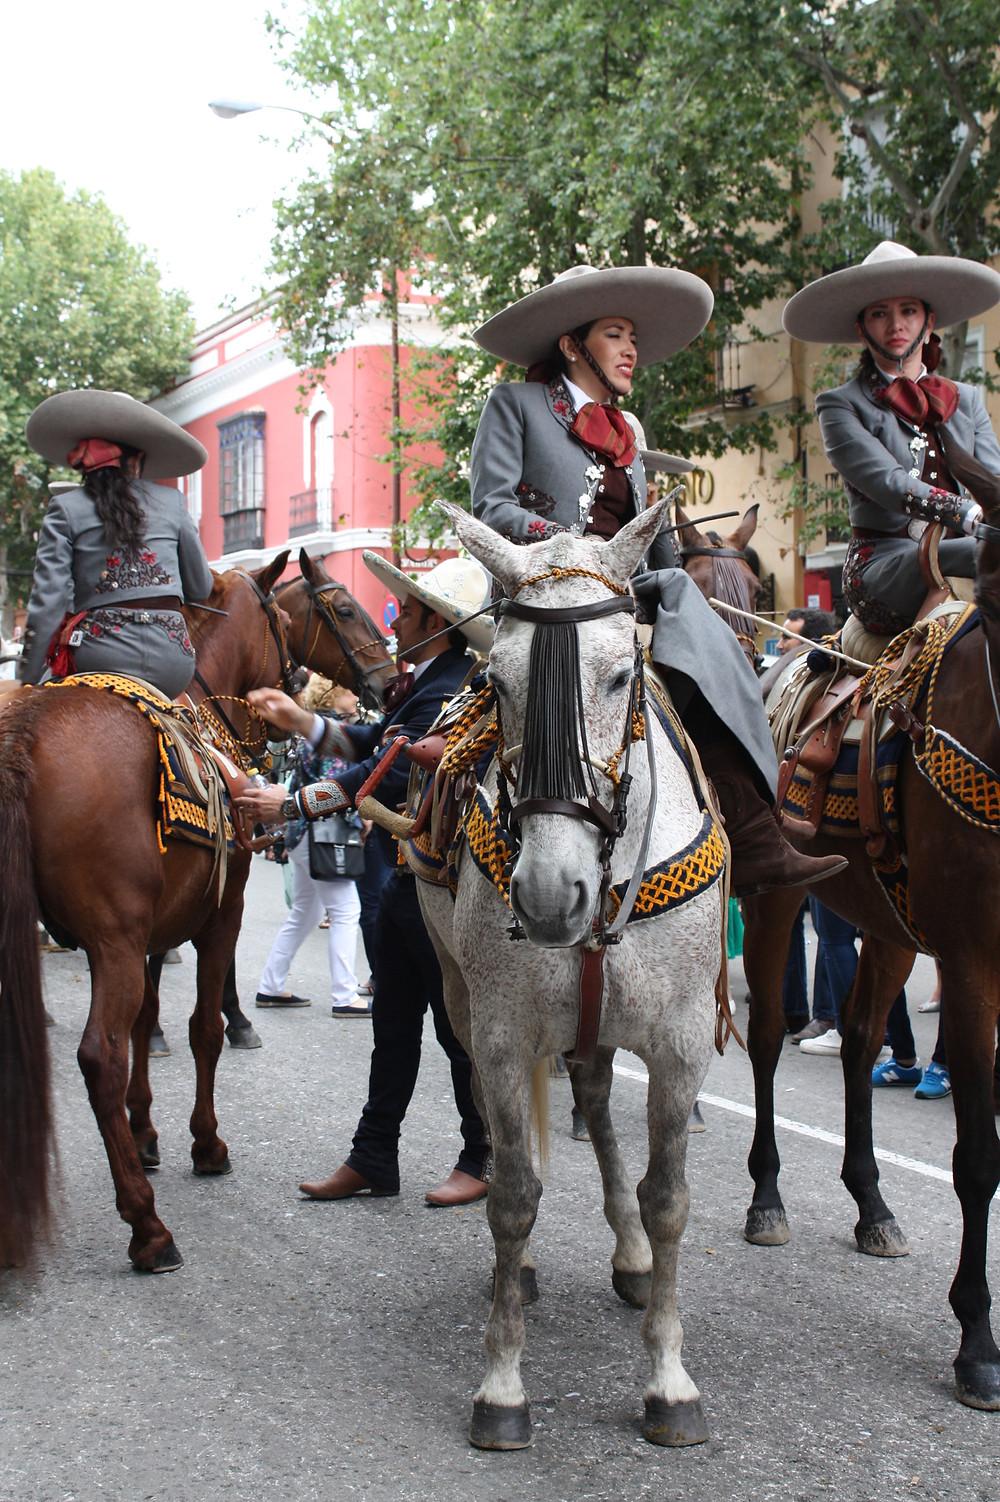 Feria parade